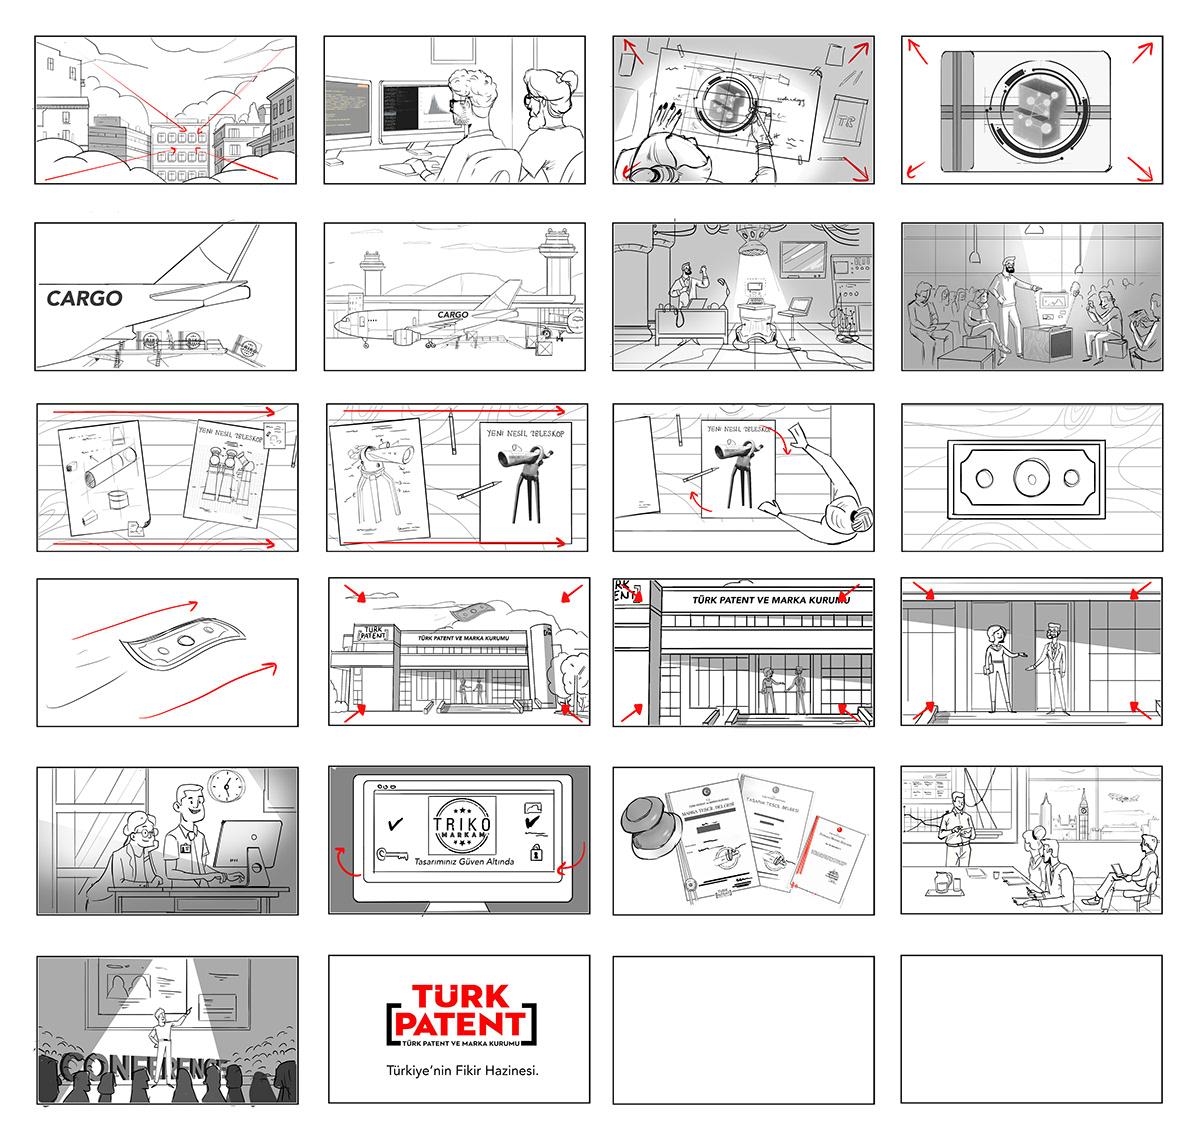 Türk Patent Kurumu Tanıtım Filmi 1